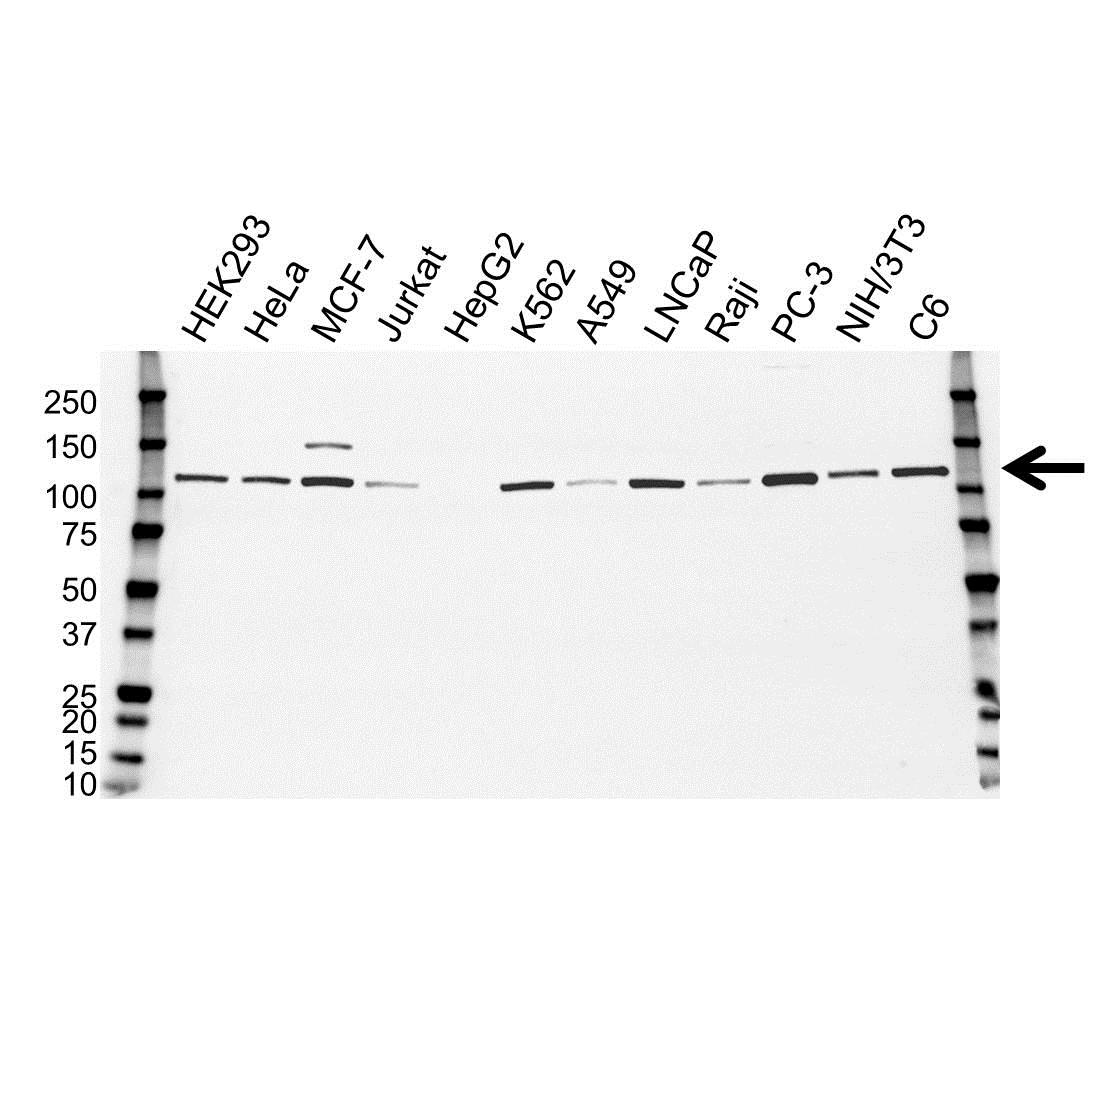 Anti Hexokinase 1 Antibody (PrecisionAb™ Monoclonal Antibody) gallery image 1